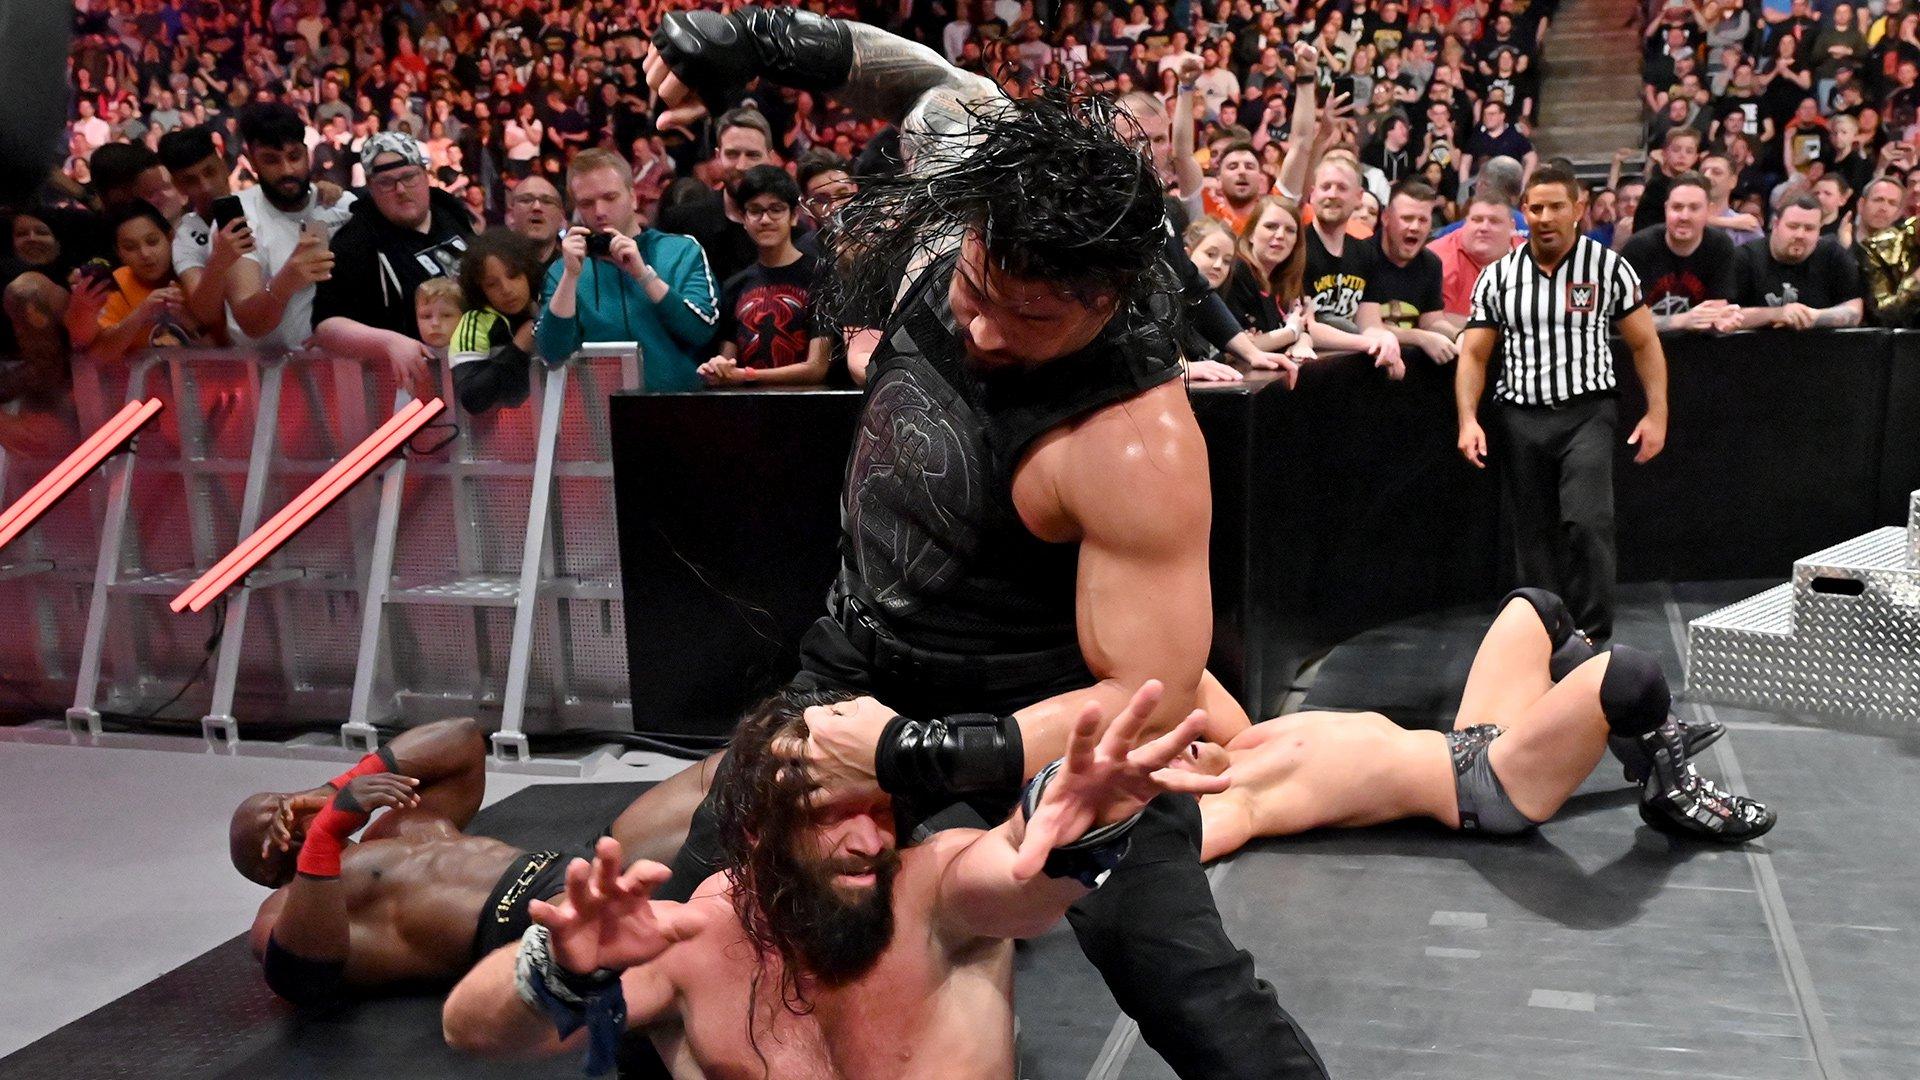 Les Meilleurs Moments de Raw: 13 Mai 2019